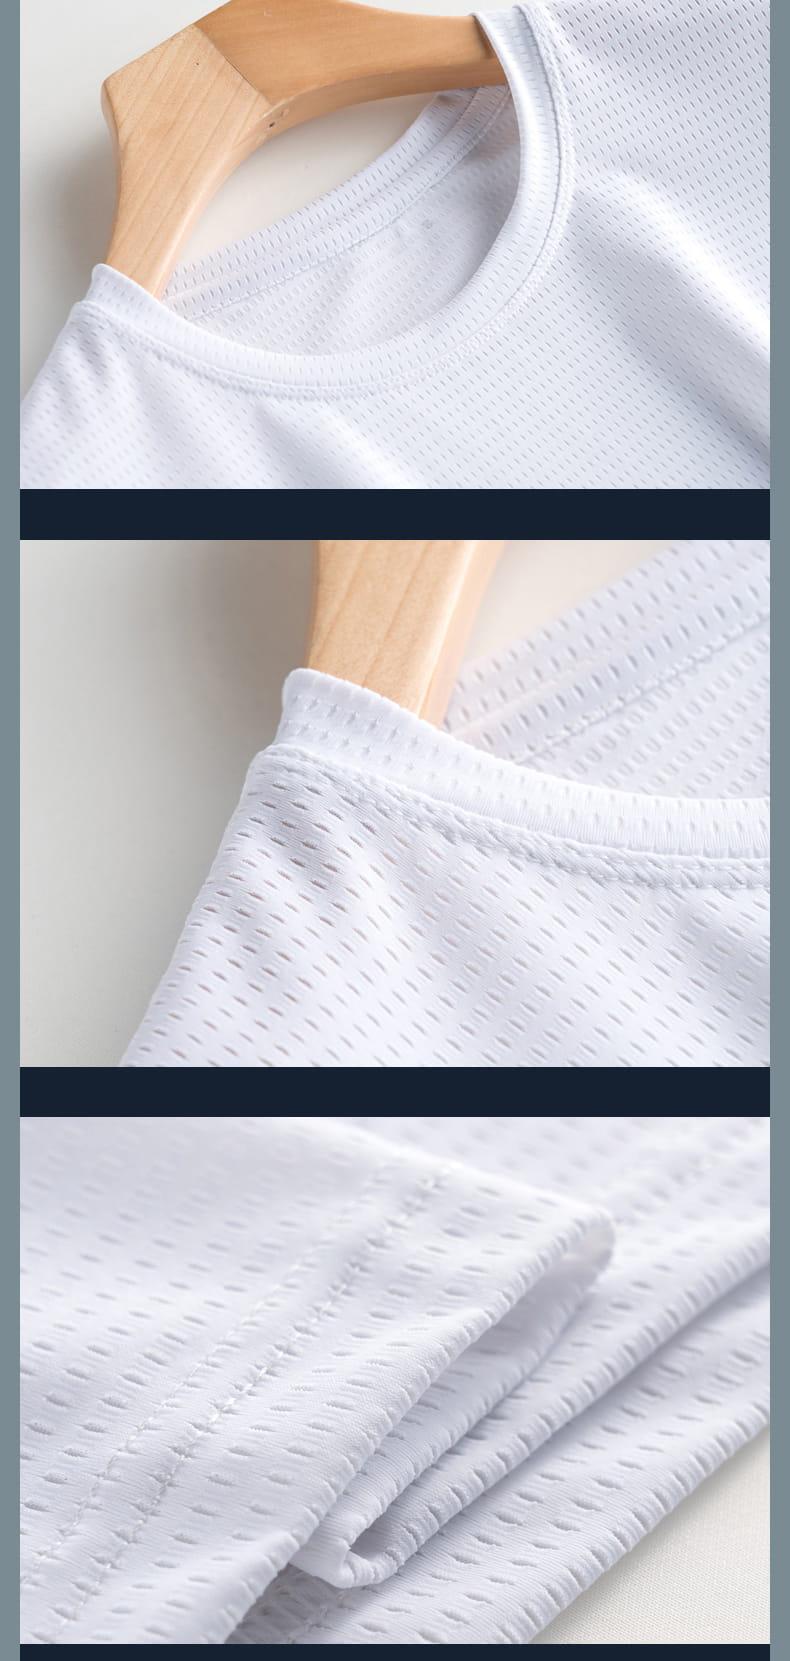 超薄涼透氣排汗速乾T恤 內搭外穿舒爽運動上衣 情侶款 網眼T恤 10